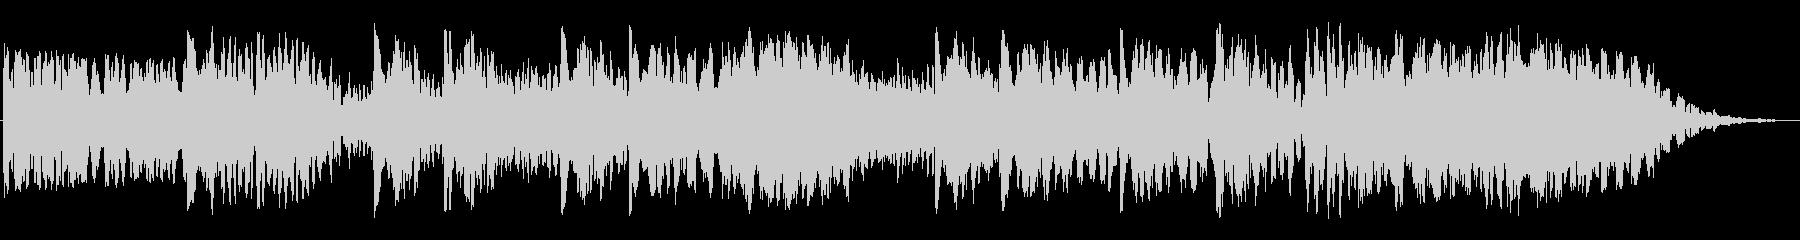 ソナーマーチSci Fiバンパーの未再生の波形